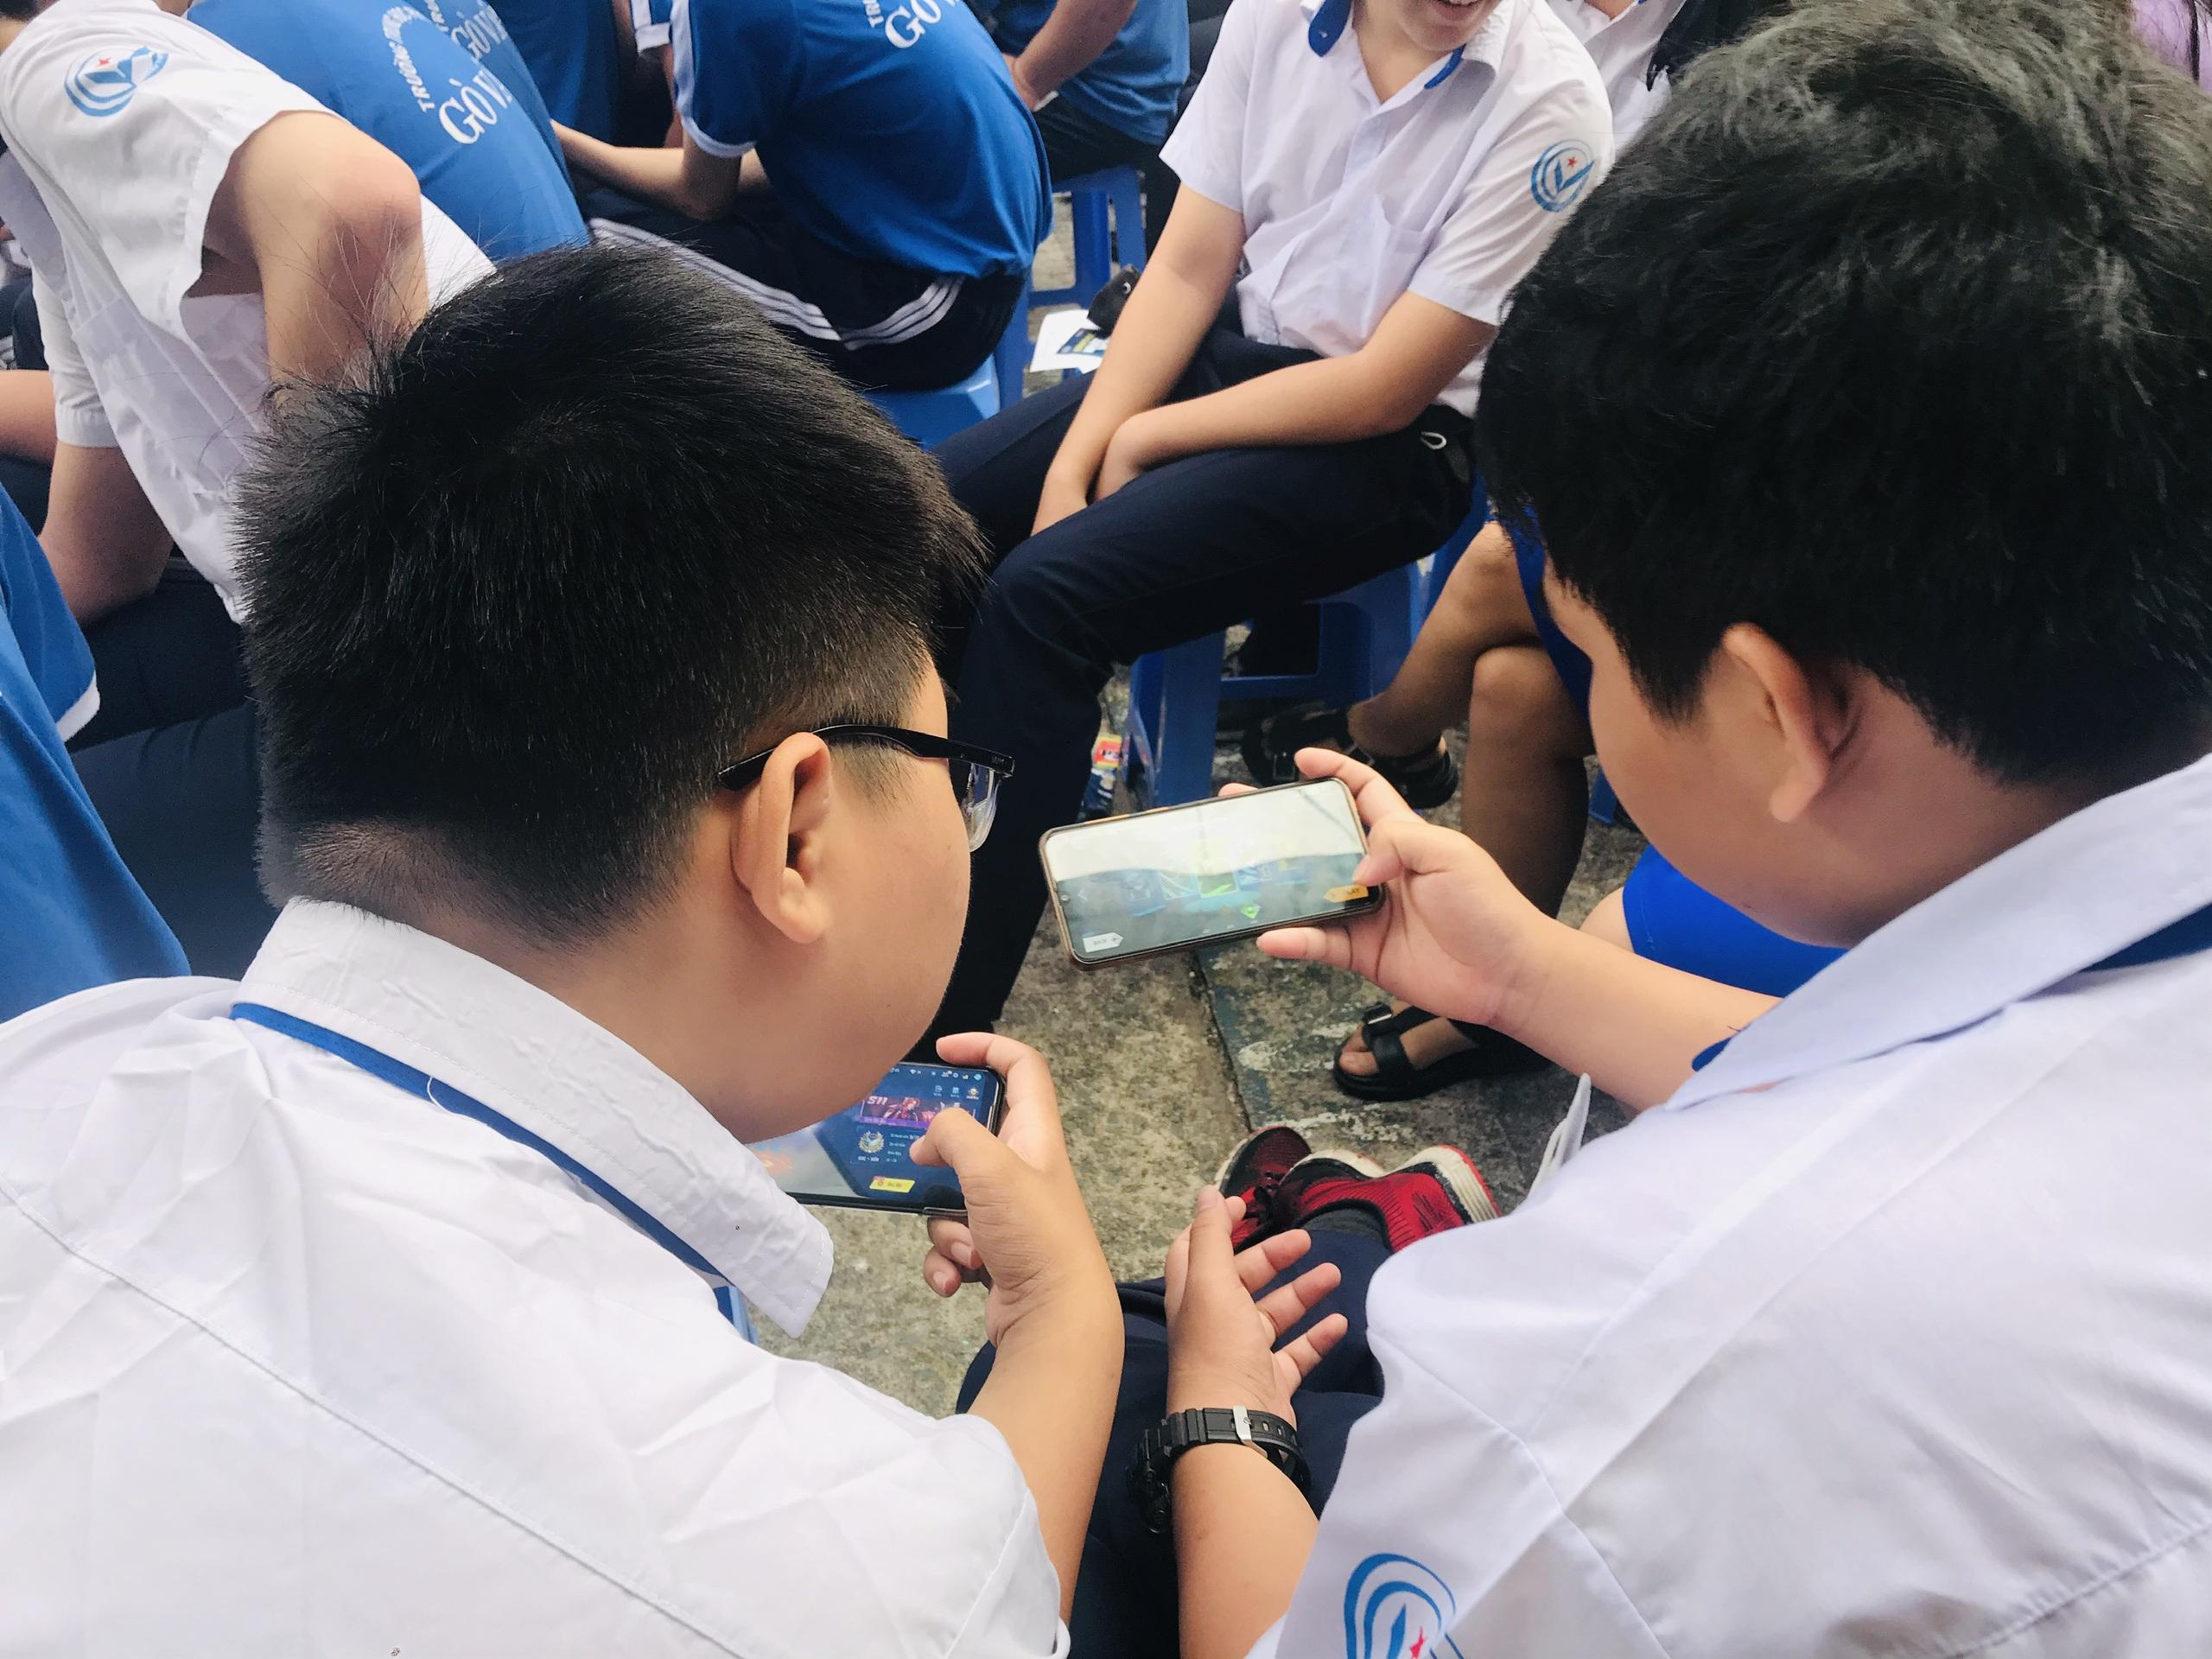 Smartphone làm tê liệt học trò - 7